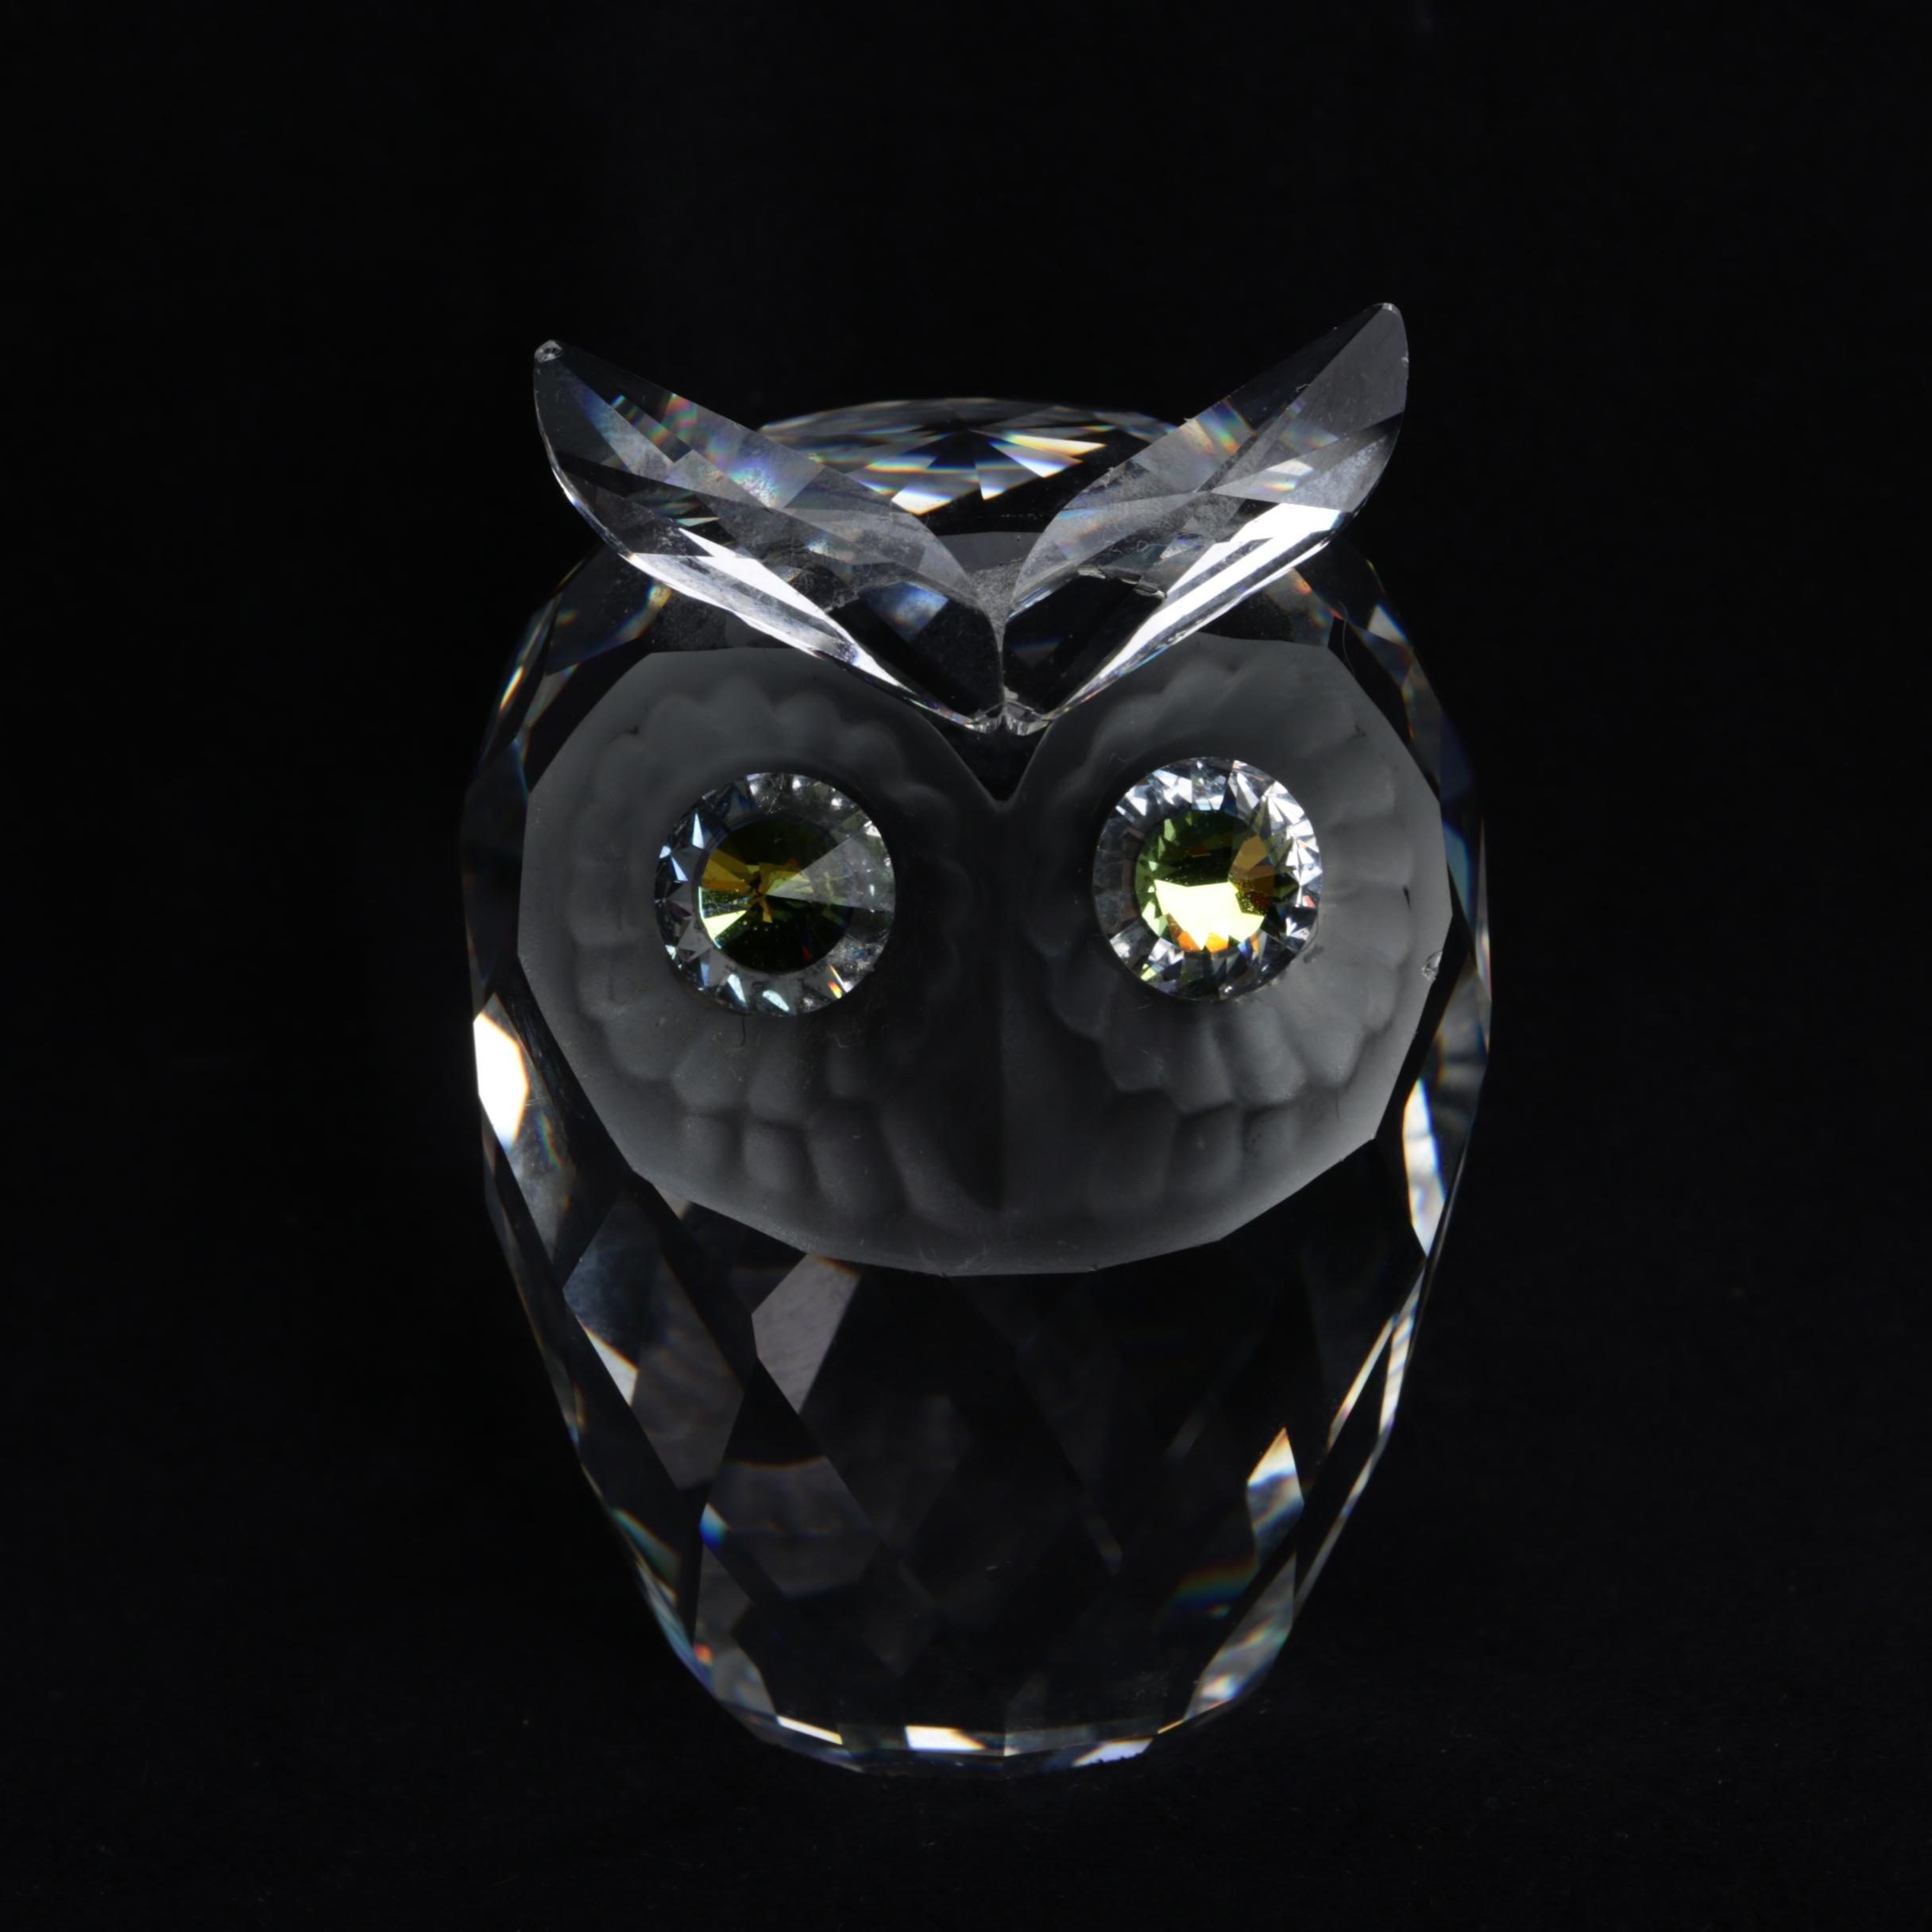 Vintage Swarovski Cut Crystal Owl Figurine